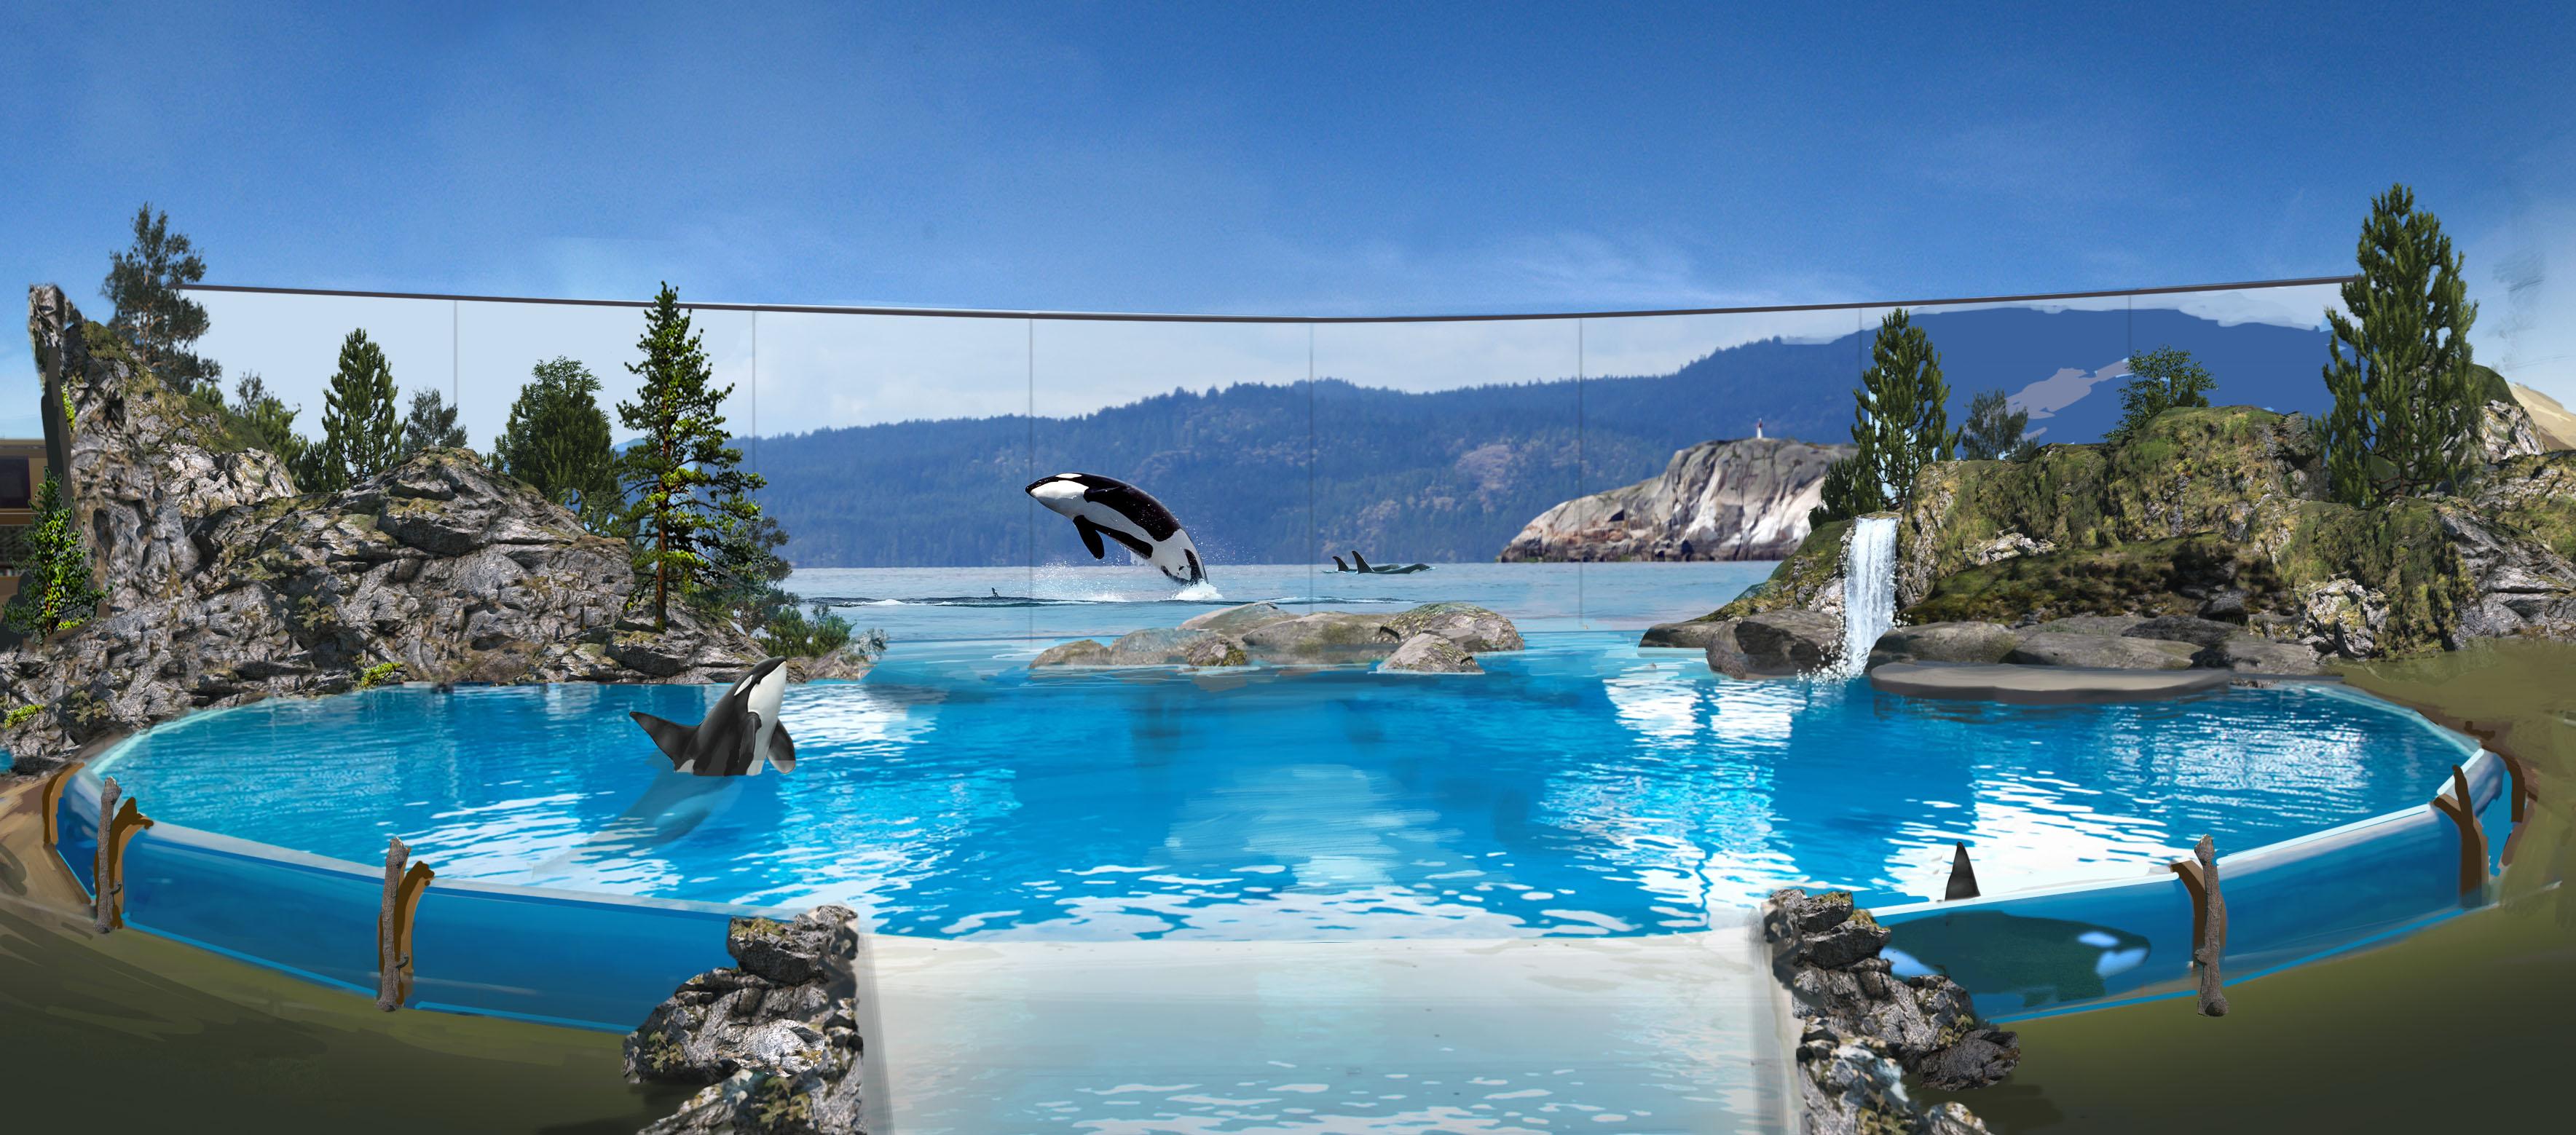 Prototipo del nuevo ambiente en que las orcas estarán en los parques. Foto: SeaWorld.